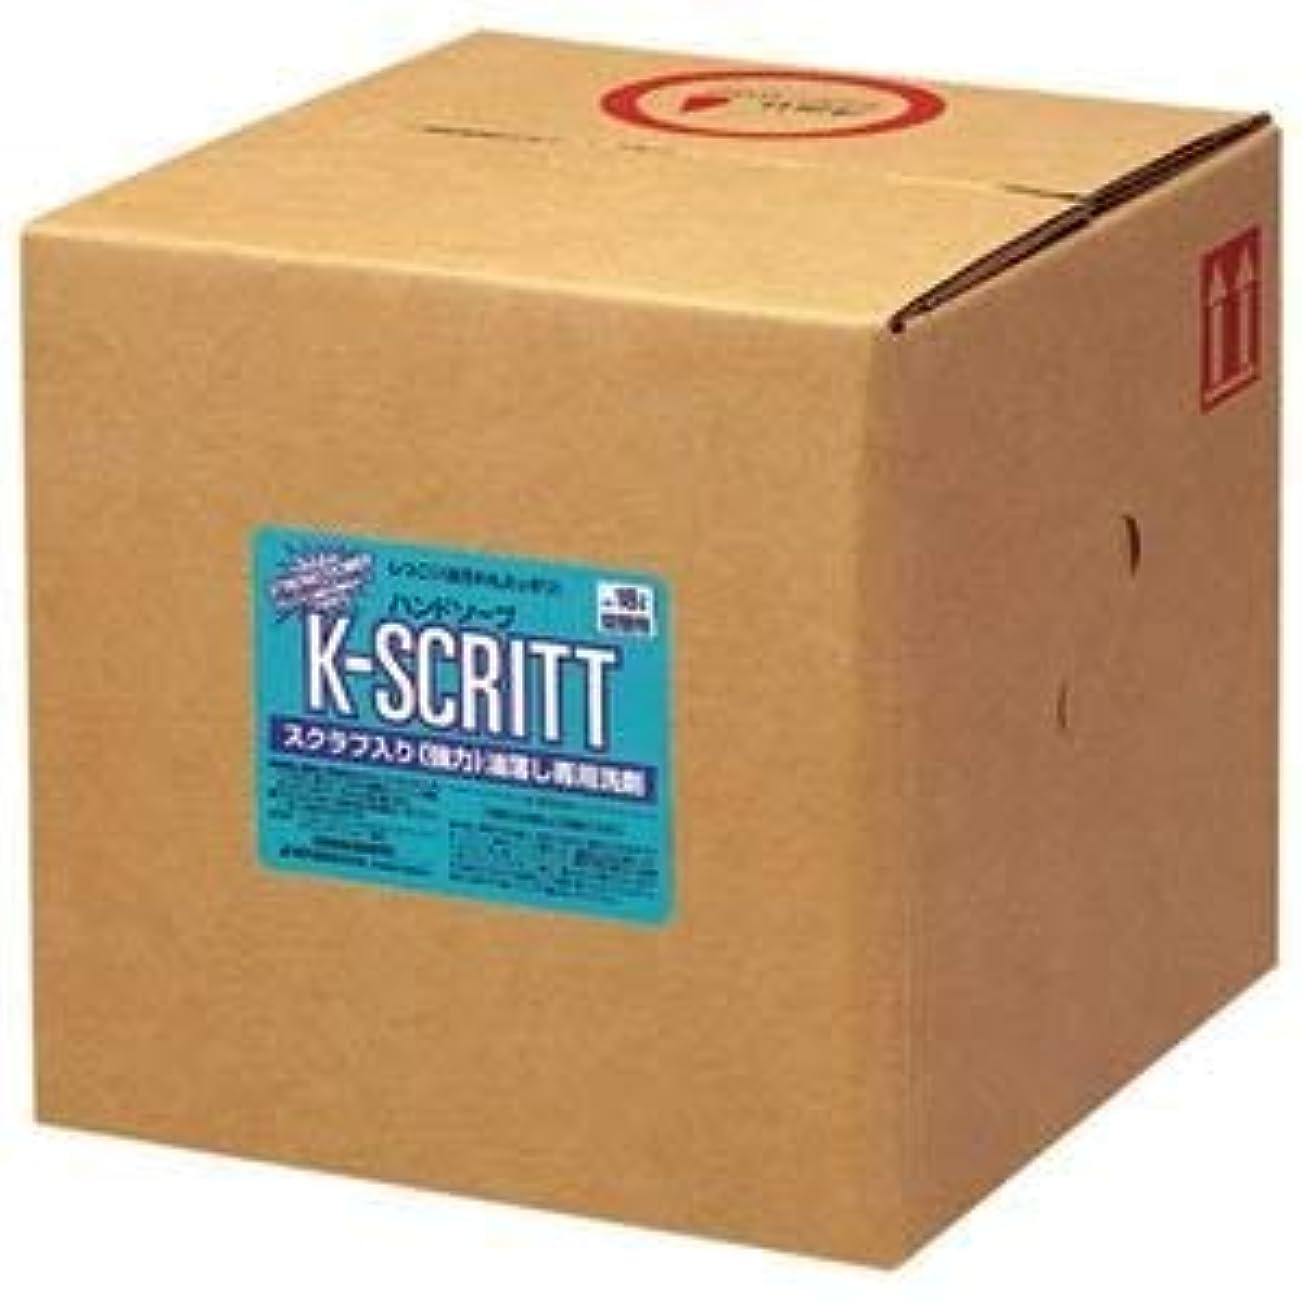 見積り多年生不実業務用 液体石鹸 K-スクリット ハンドソープ詰替え 18L 熊野油脂 (コック付き)